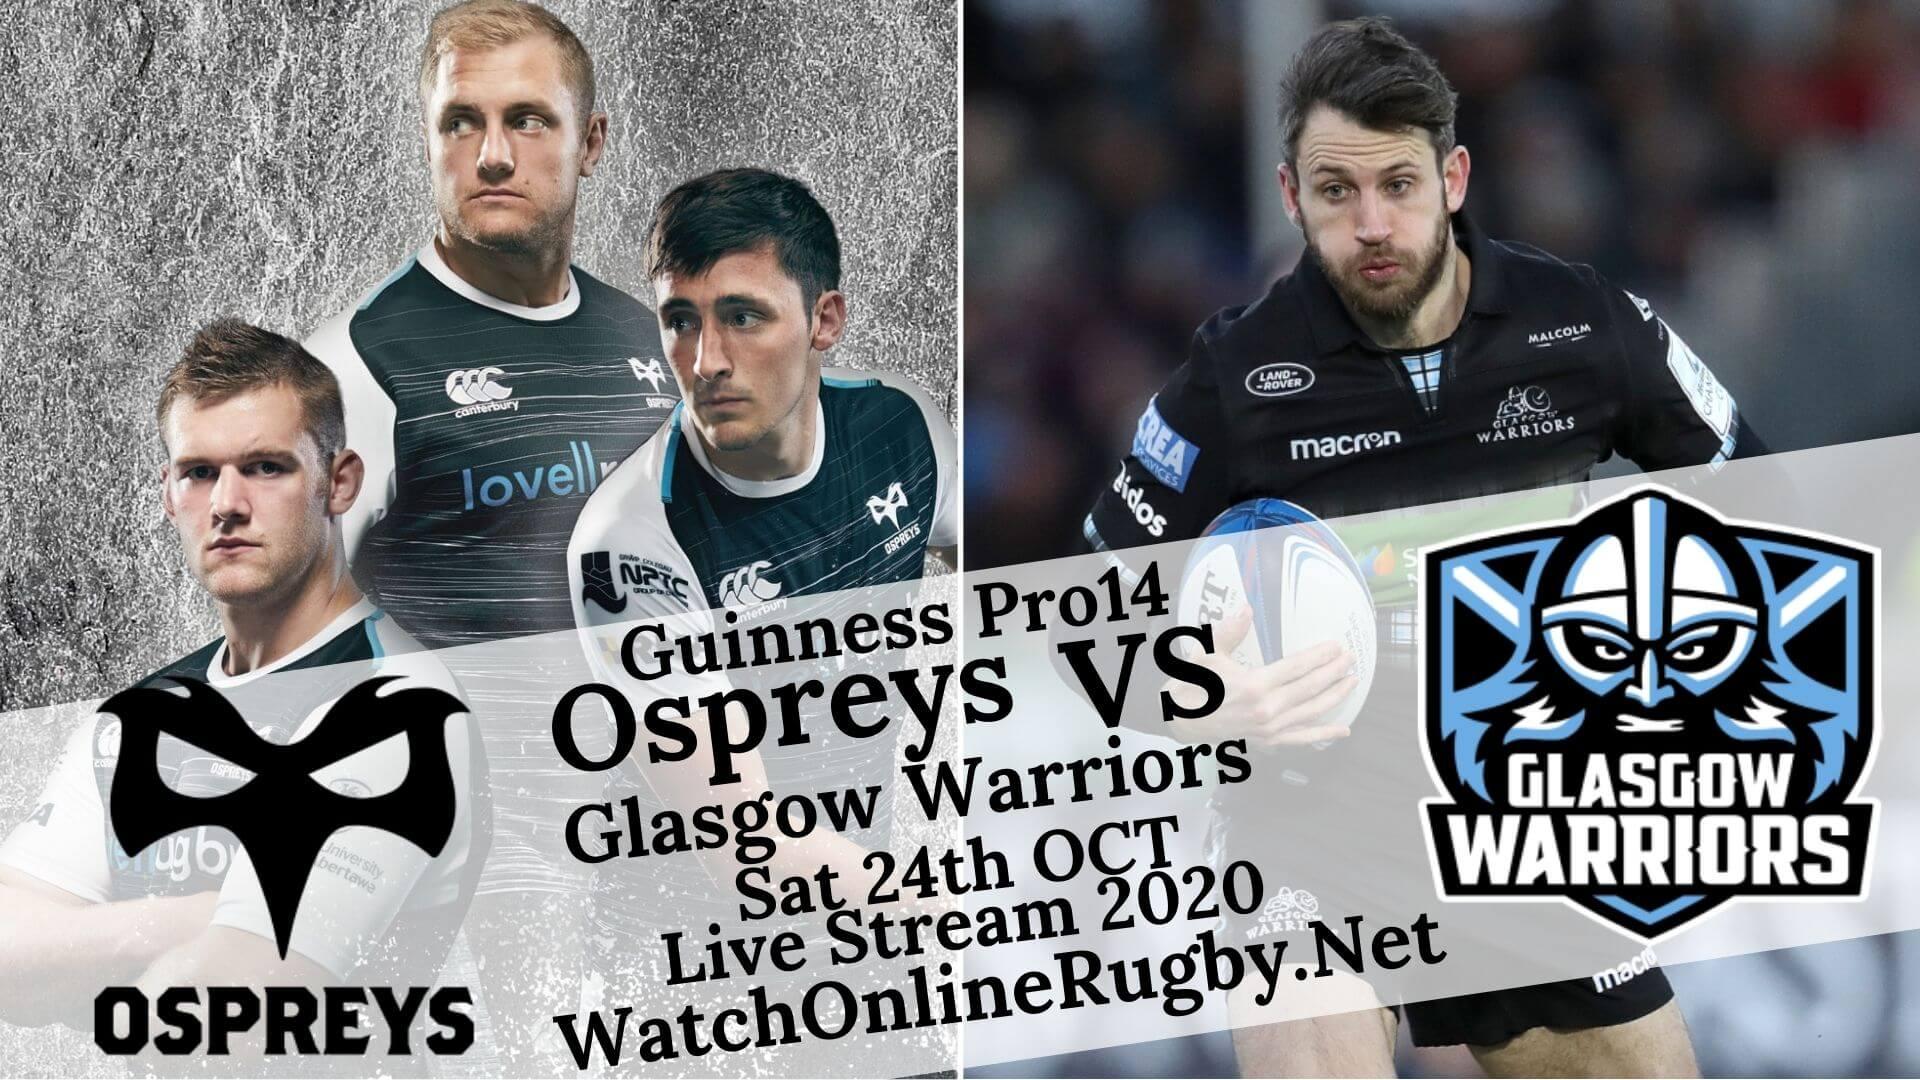 watch-ospreys-vs-glasgow-warriors-live